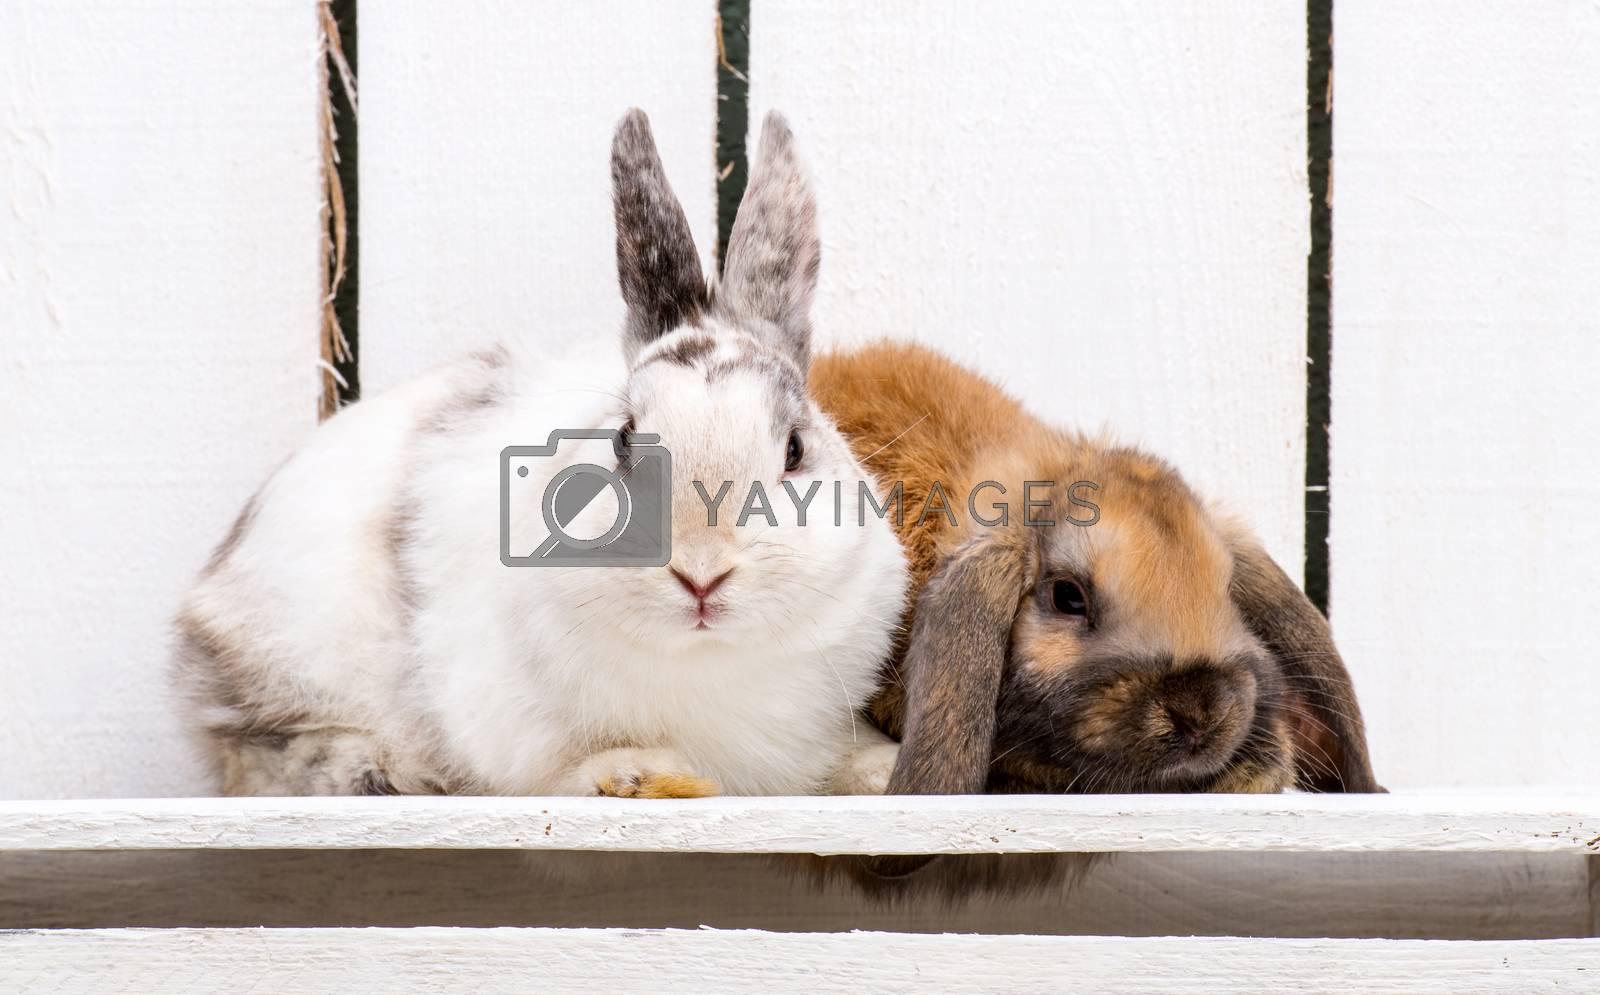 Royalty free image of Easter bunnies by GekaSkr